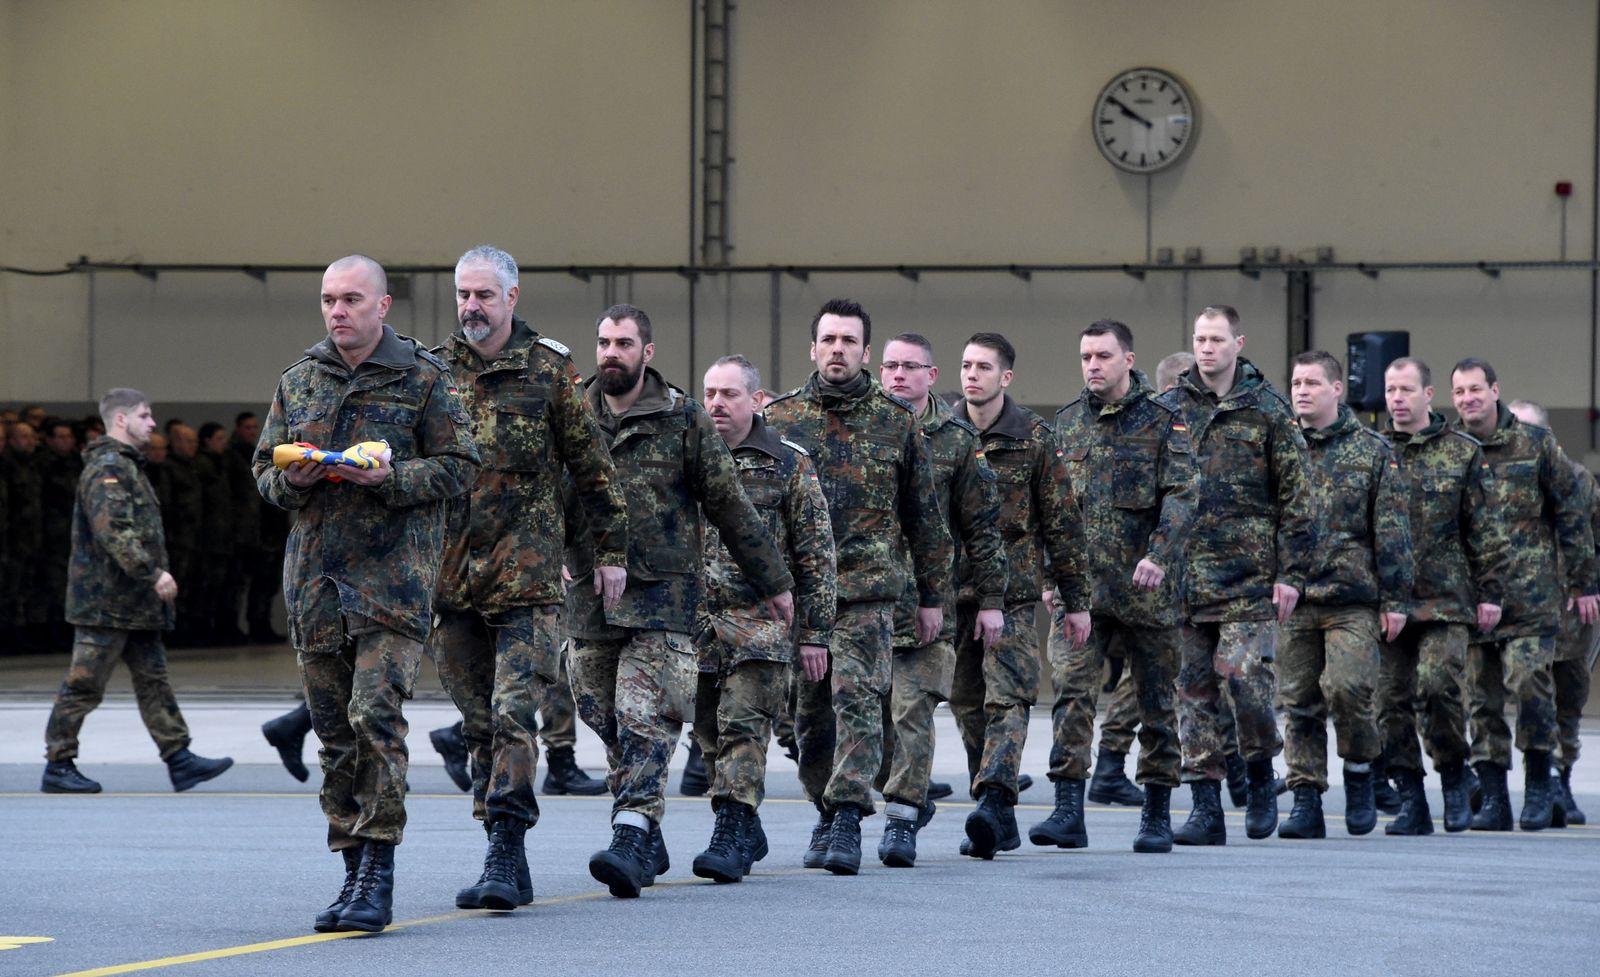 Jagel / Verabschiedung Bundeswehr / Syrien